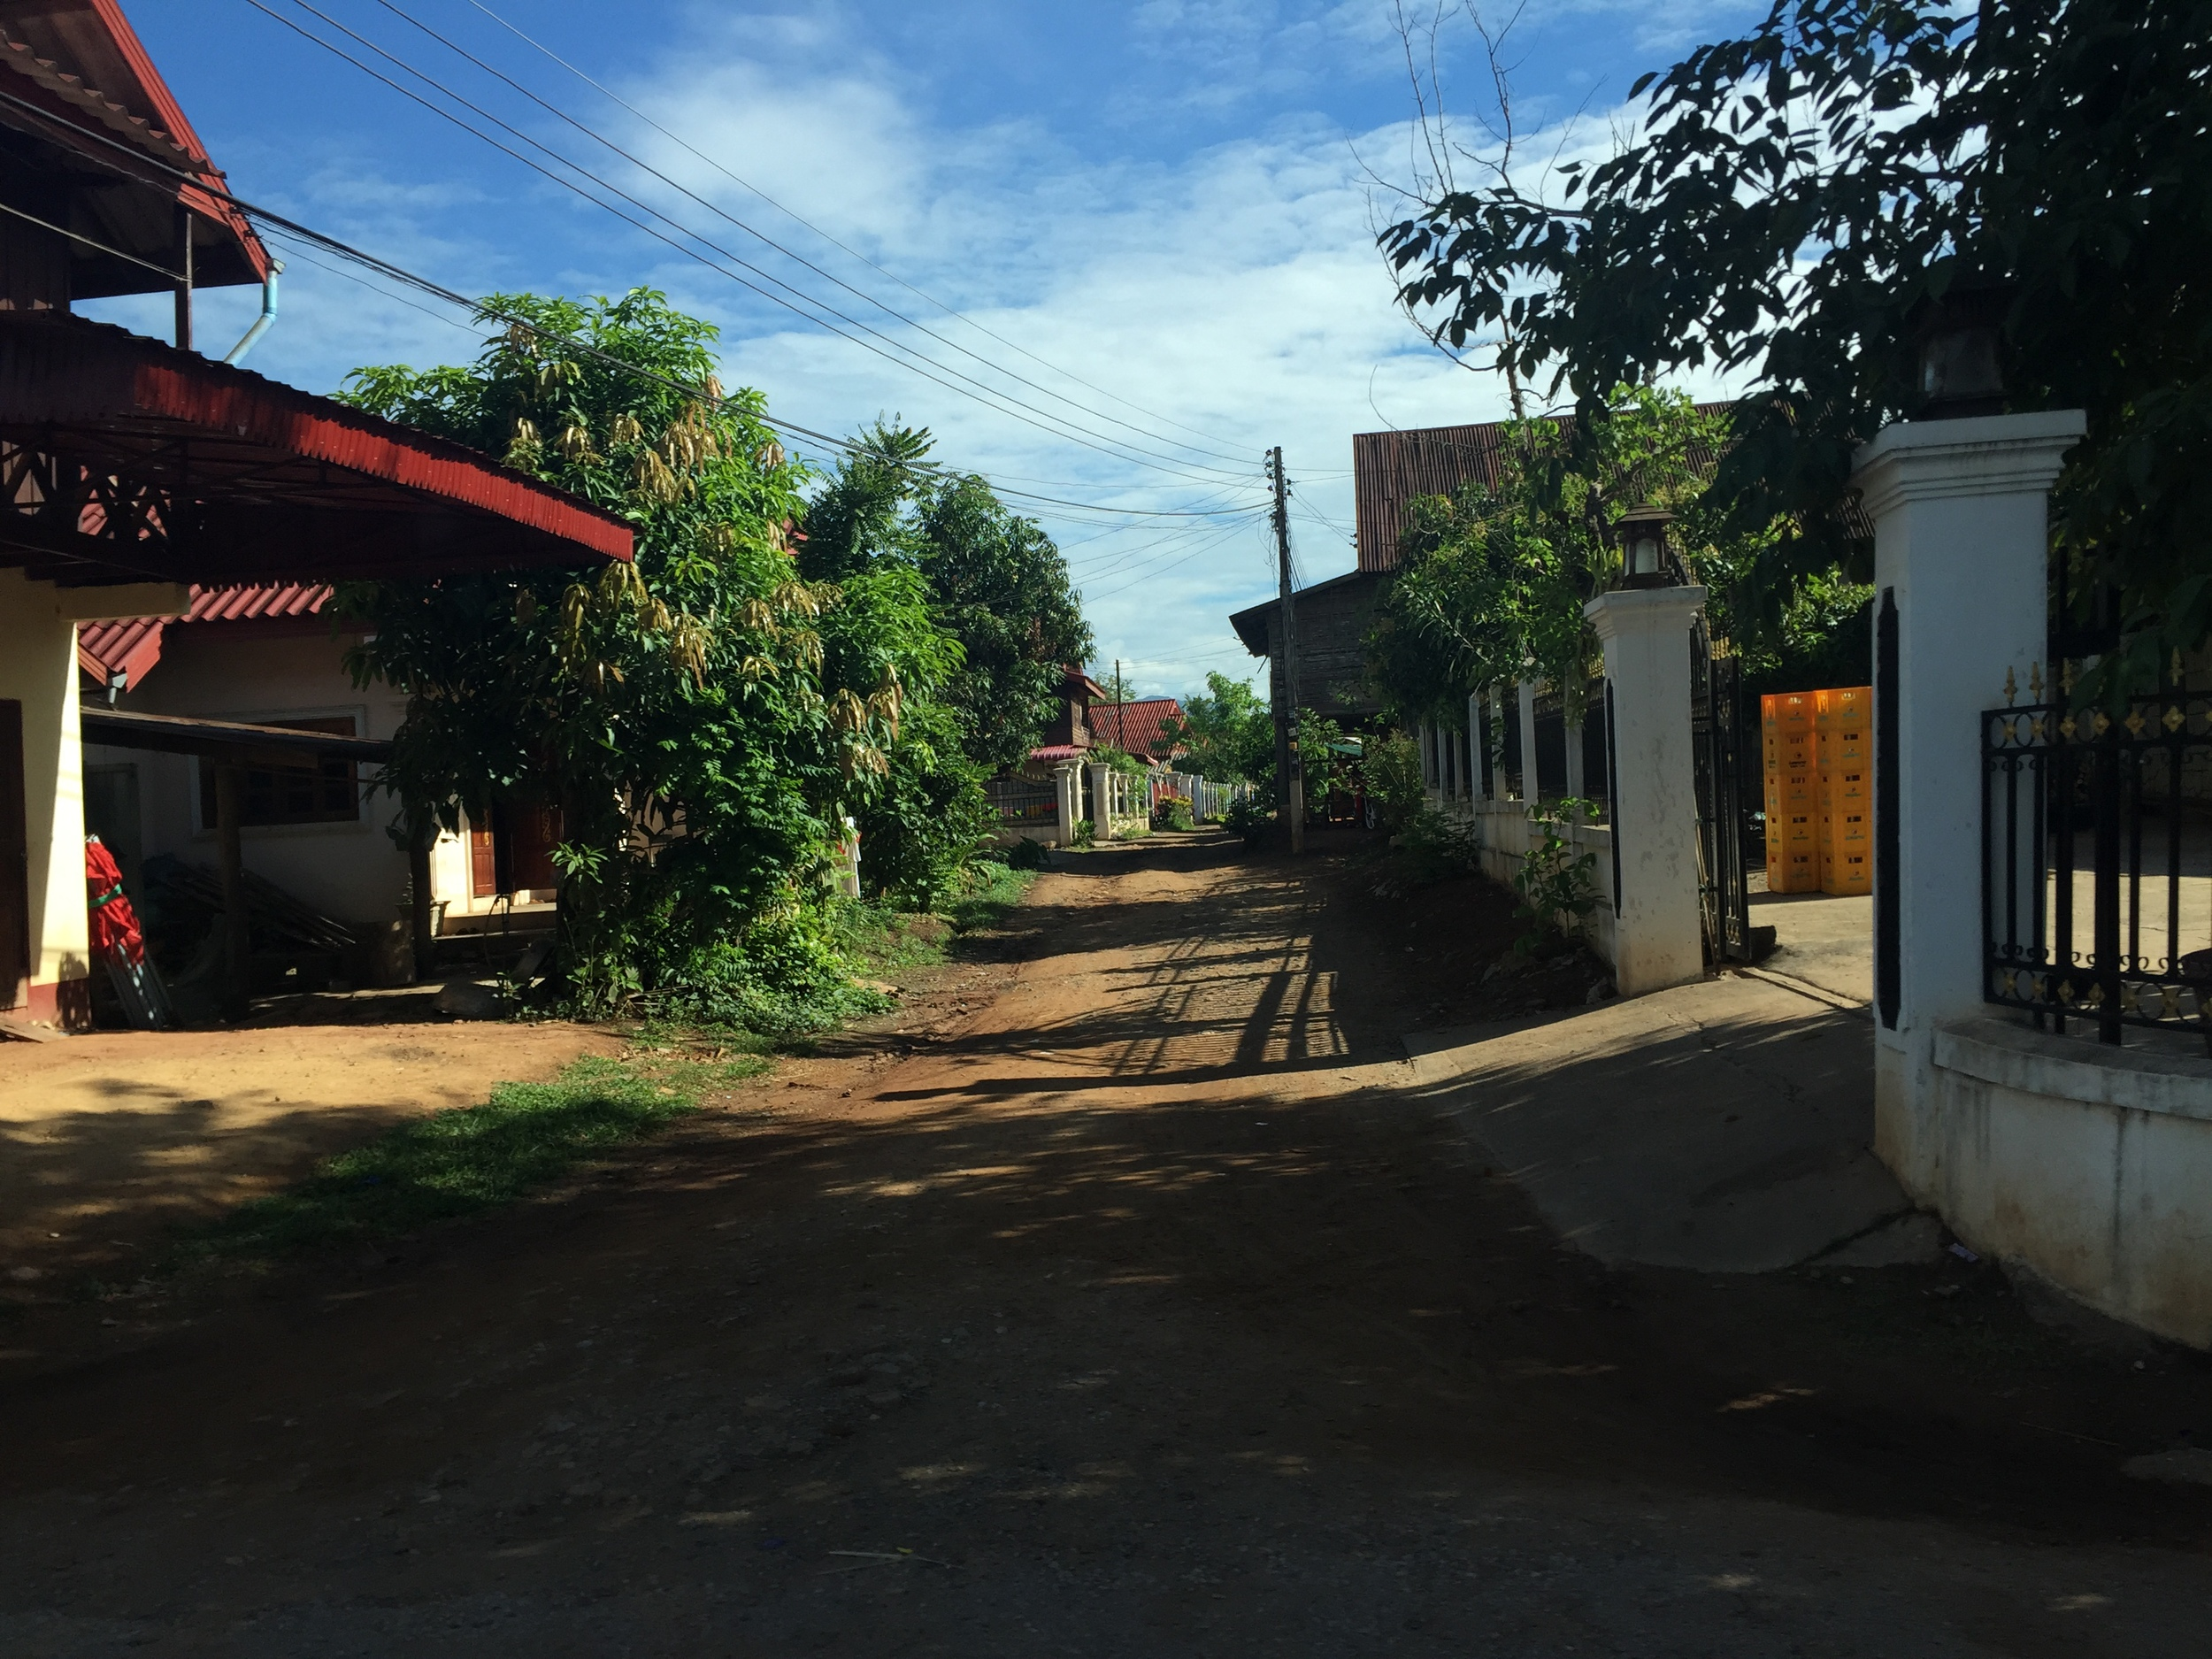 luang-prabang-street-alley